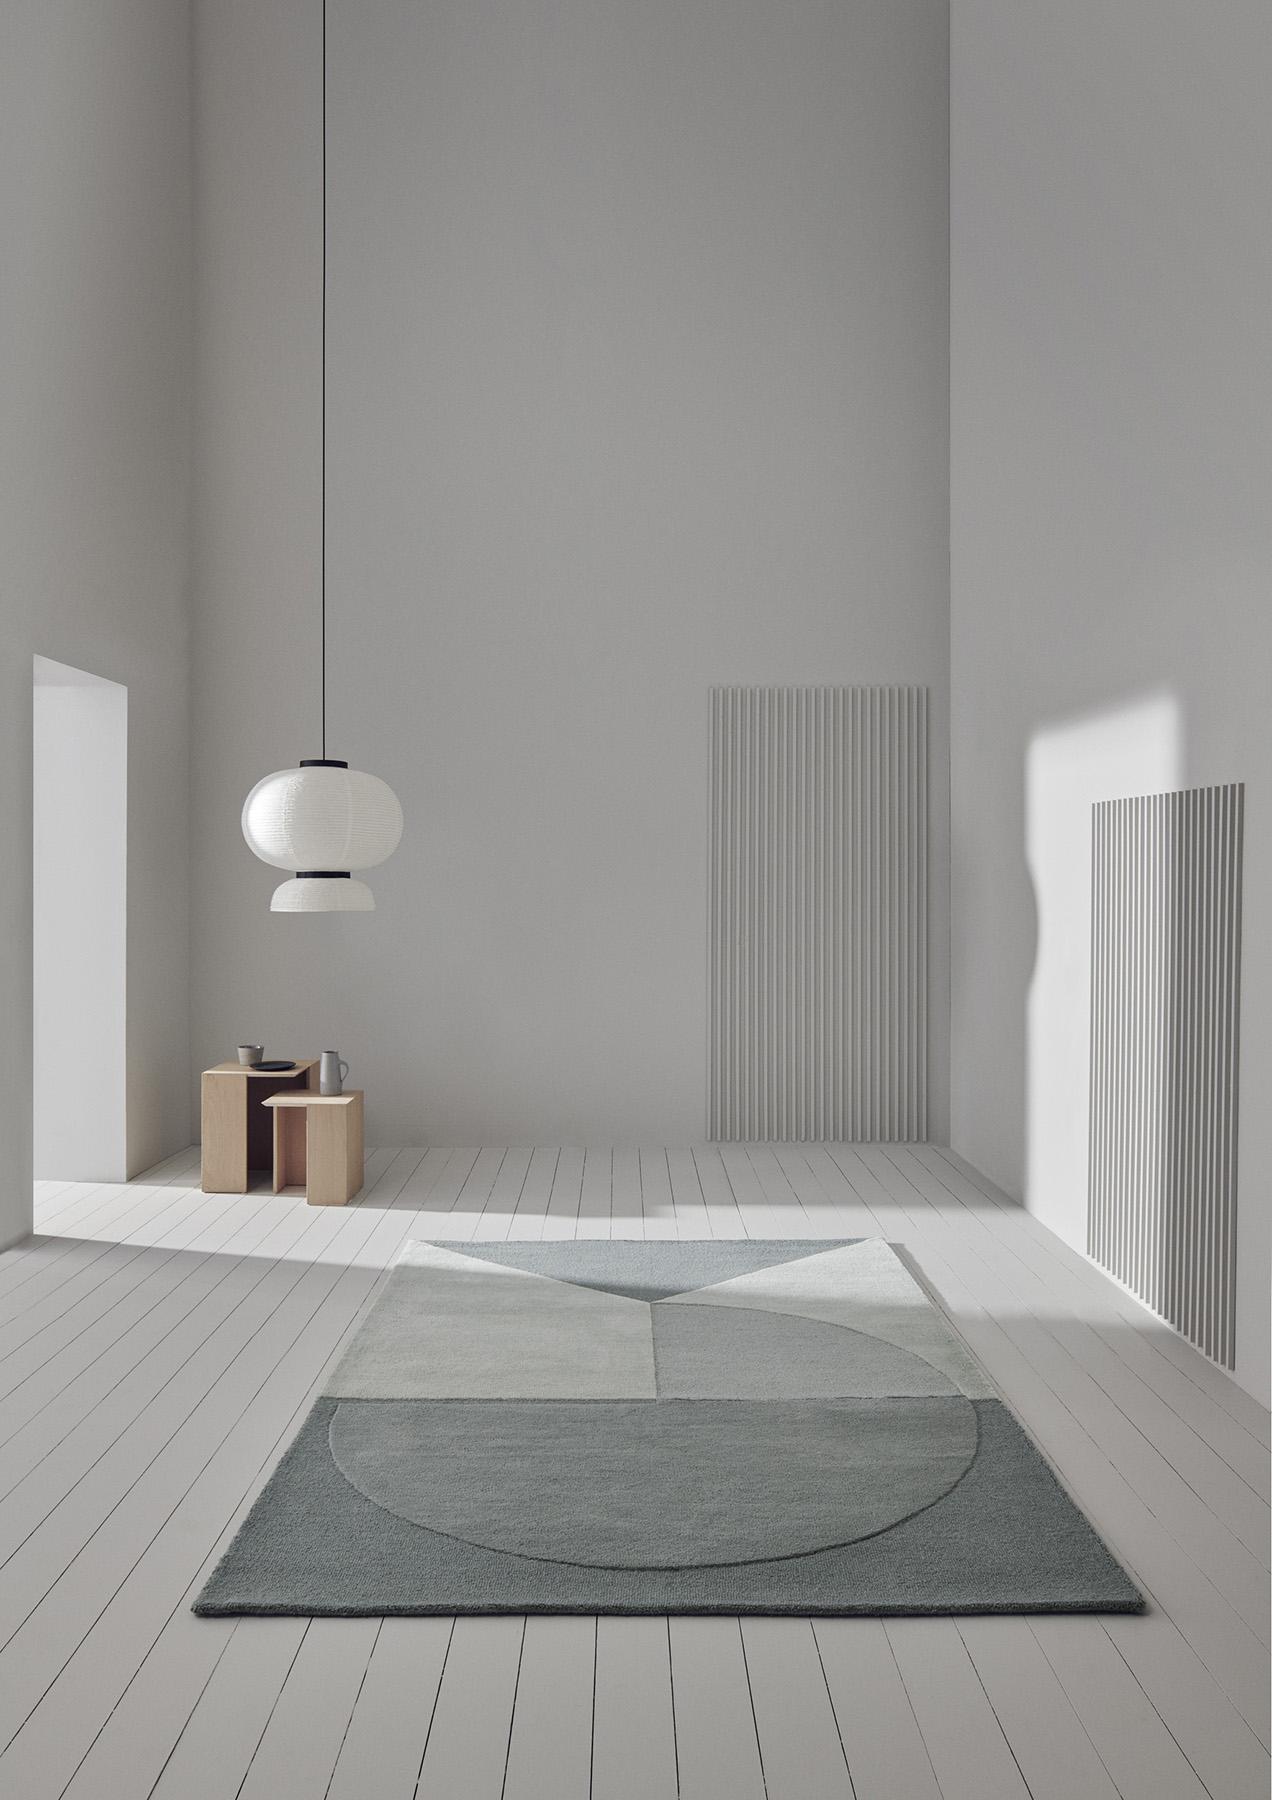 satomi - Linie Design